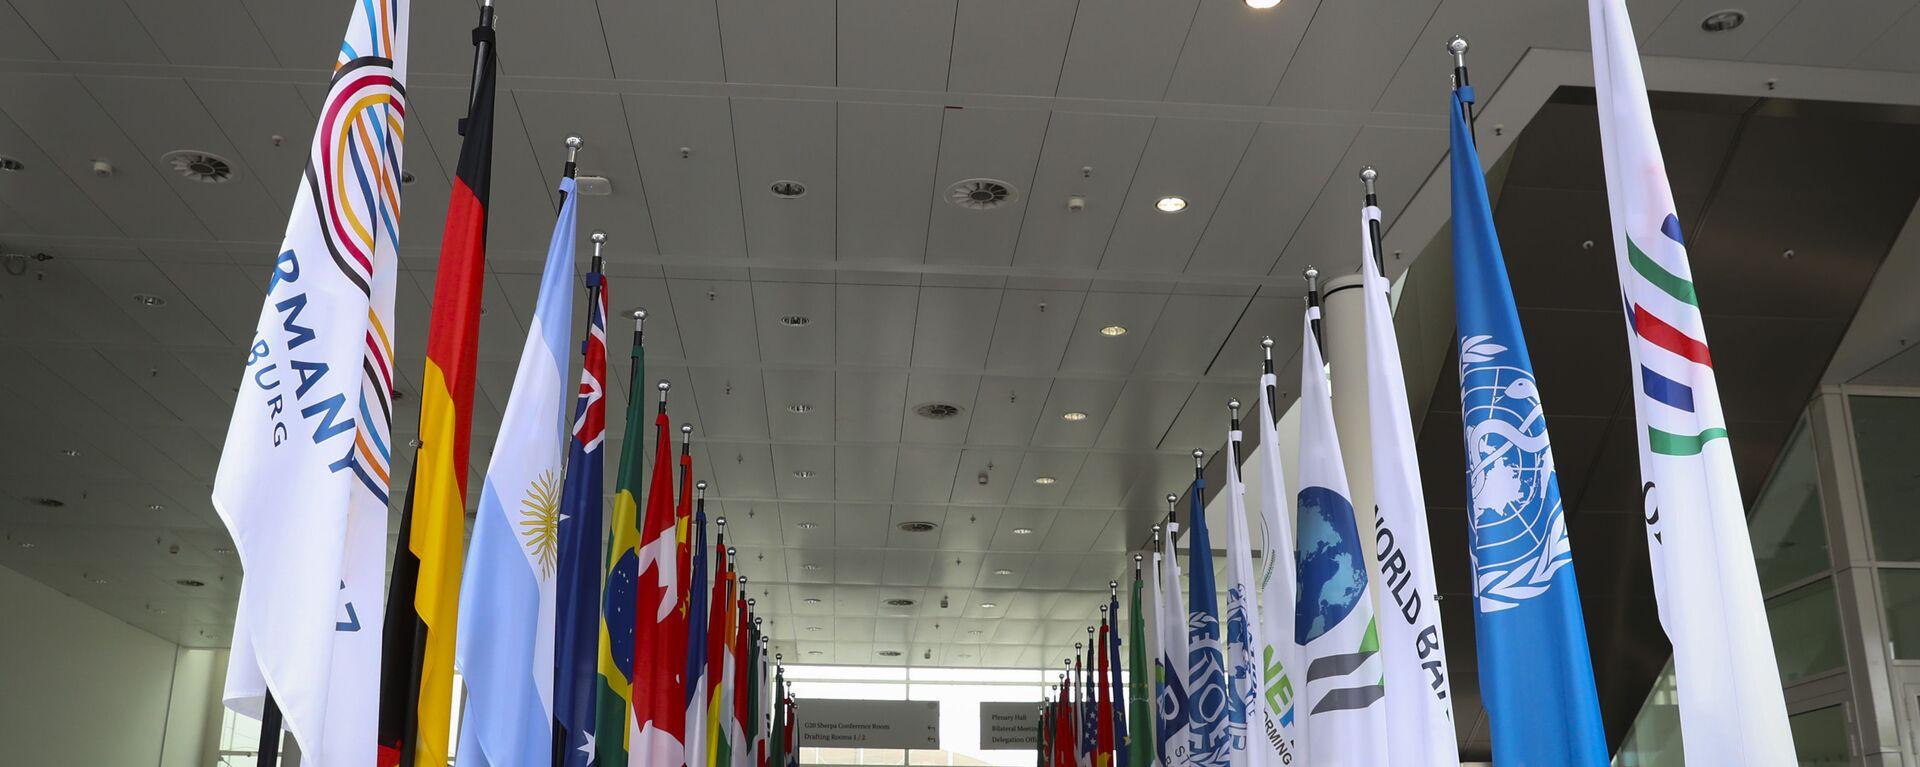 Le bandiere dei paesi che prendono parte al vertice G20 ad Amburgo. - Sputnik Italia, 1920, 06.04.2021